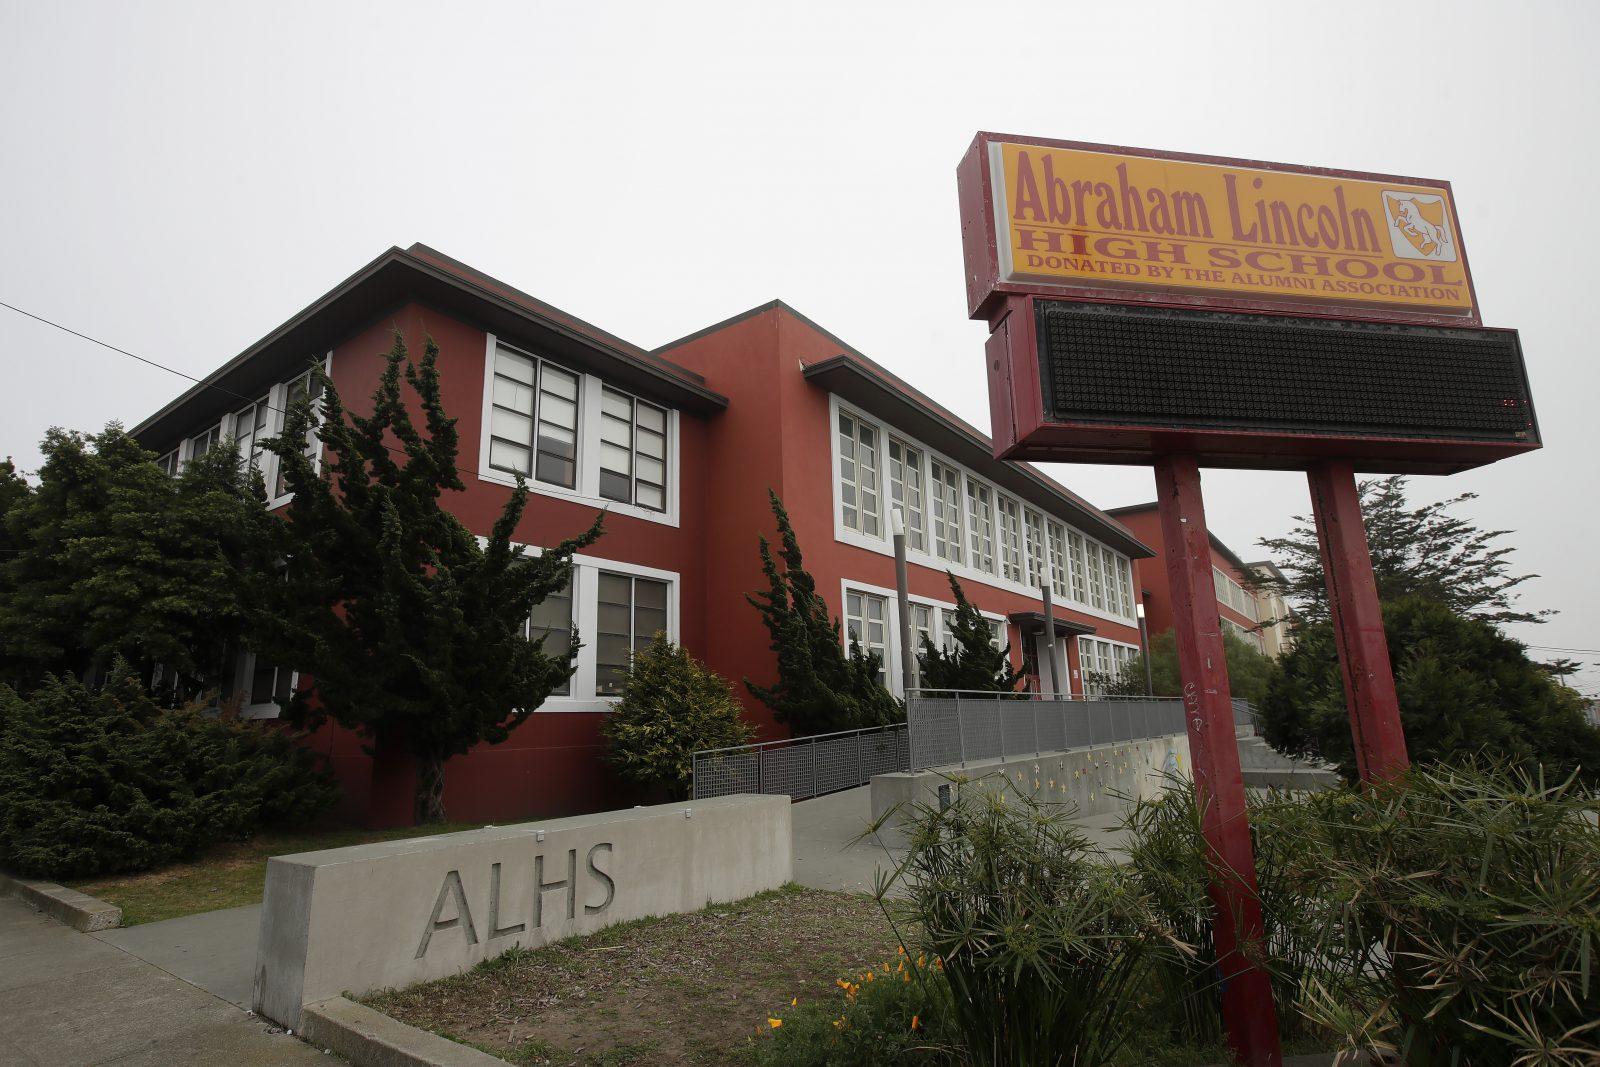 Lincoln High School in San Francisco: Die Schule soll umbenannt werden, weil der frühere US-Präsident Abraham Lincoln der Ehrung nicht würdig sei